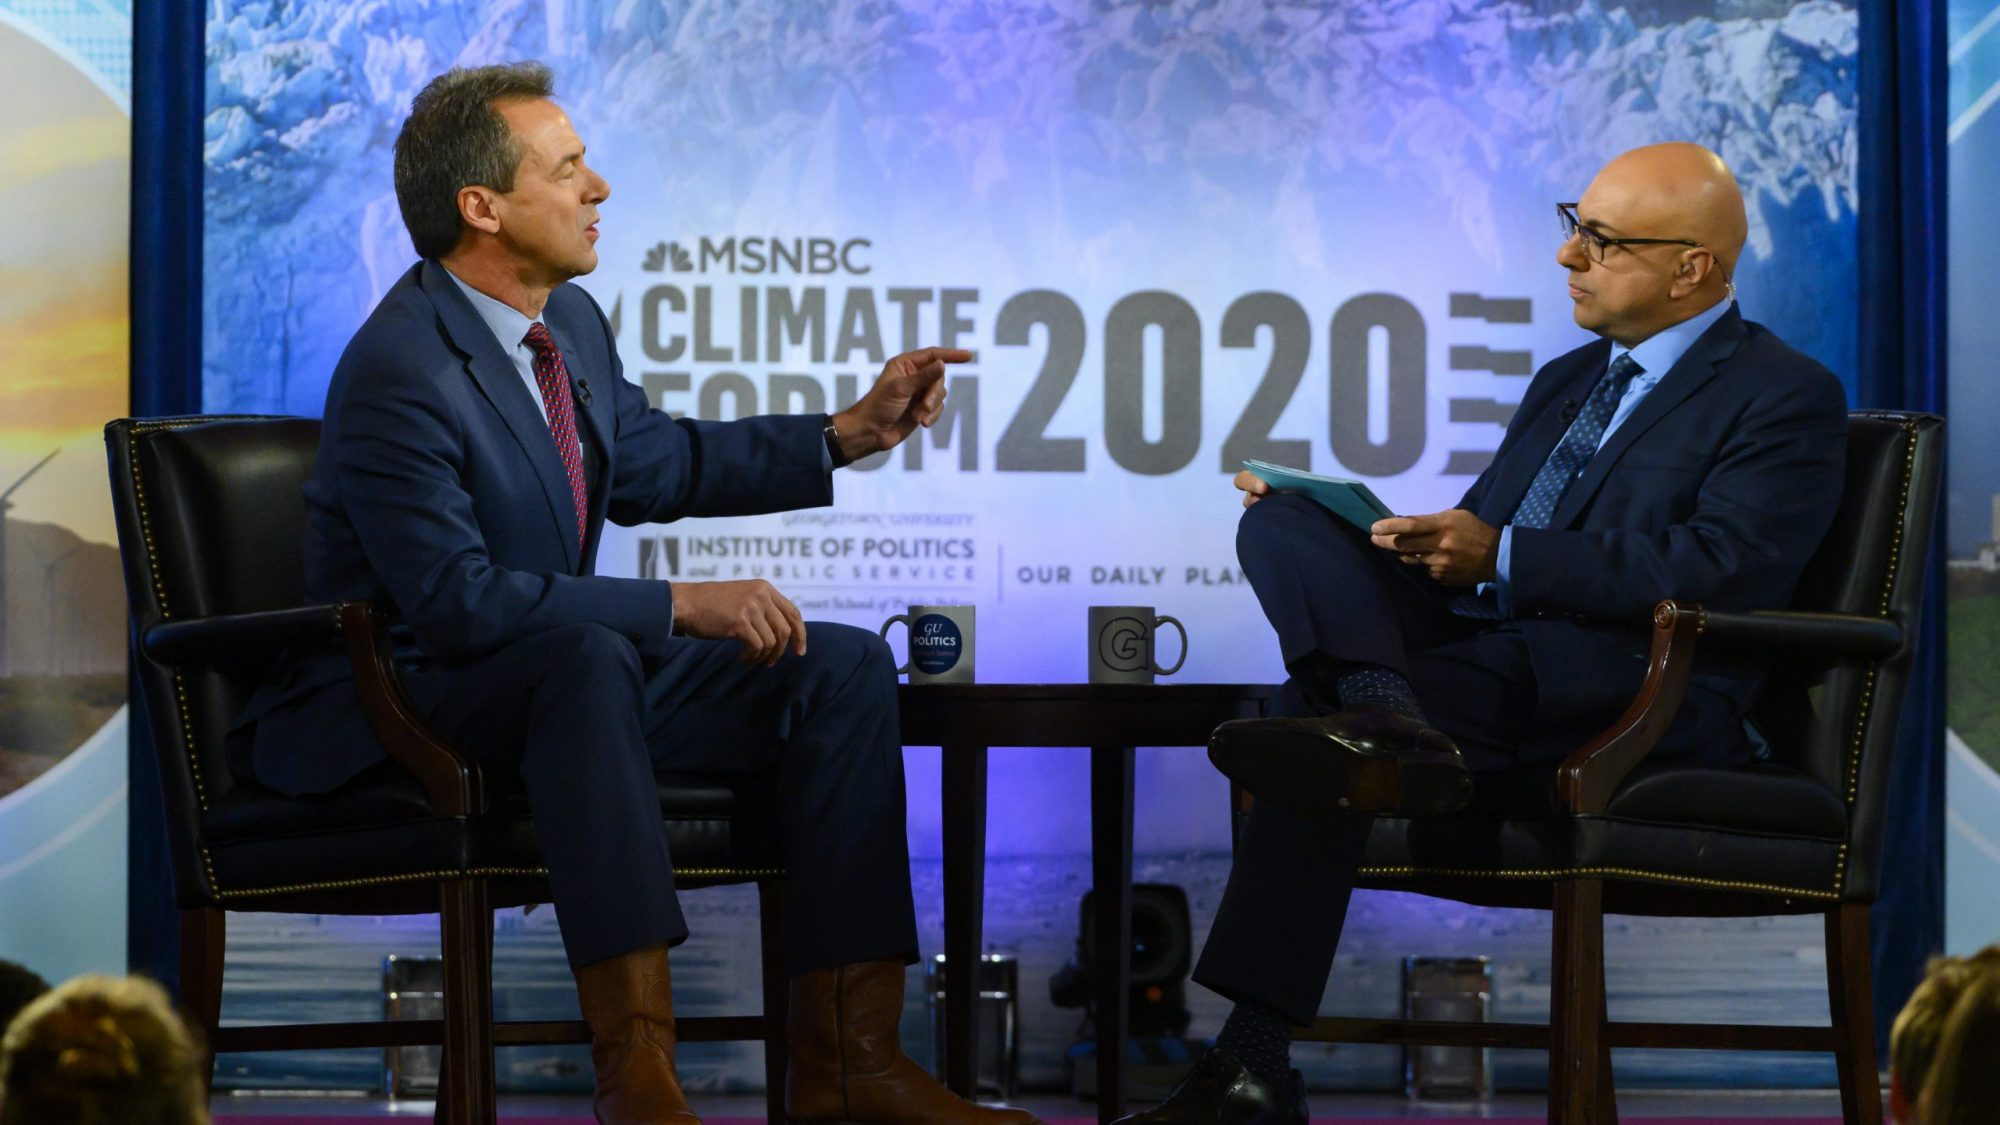 Climate Forum - Steve Bullock